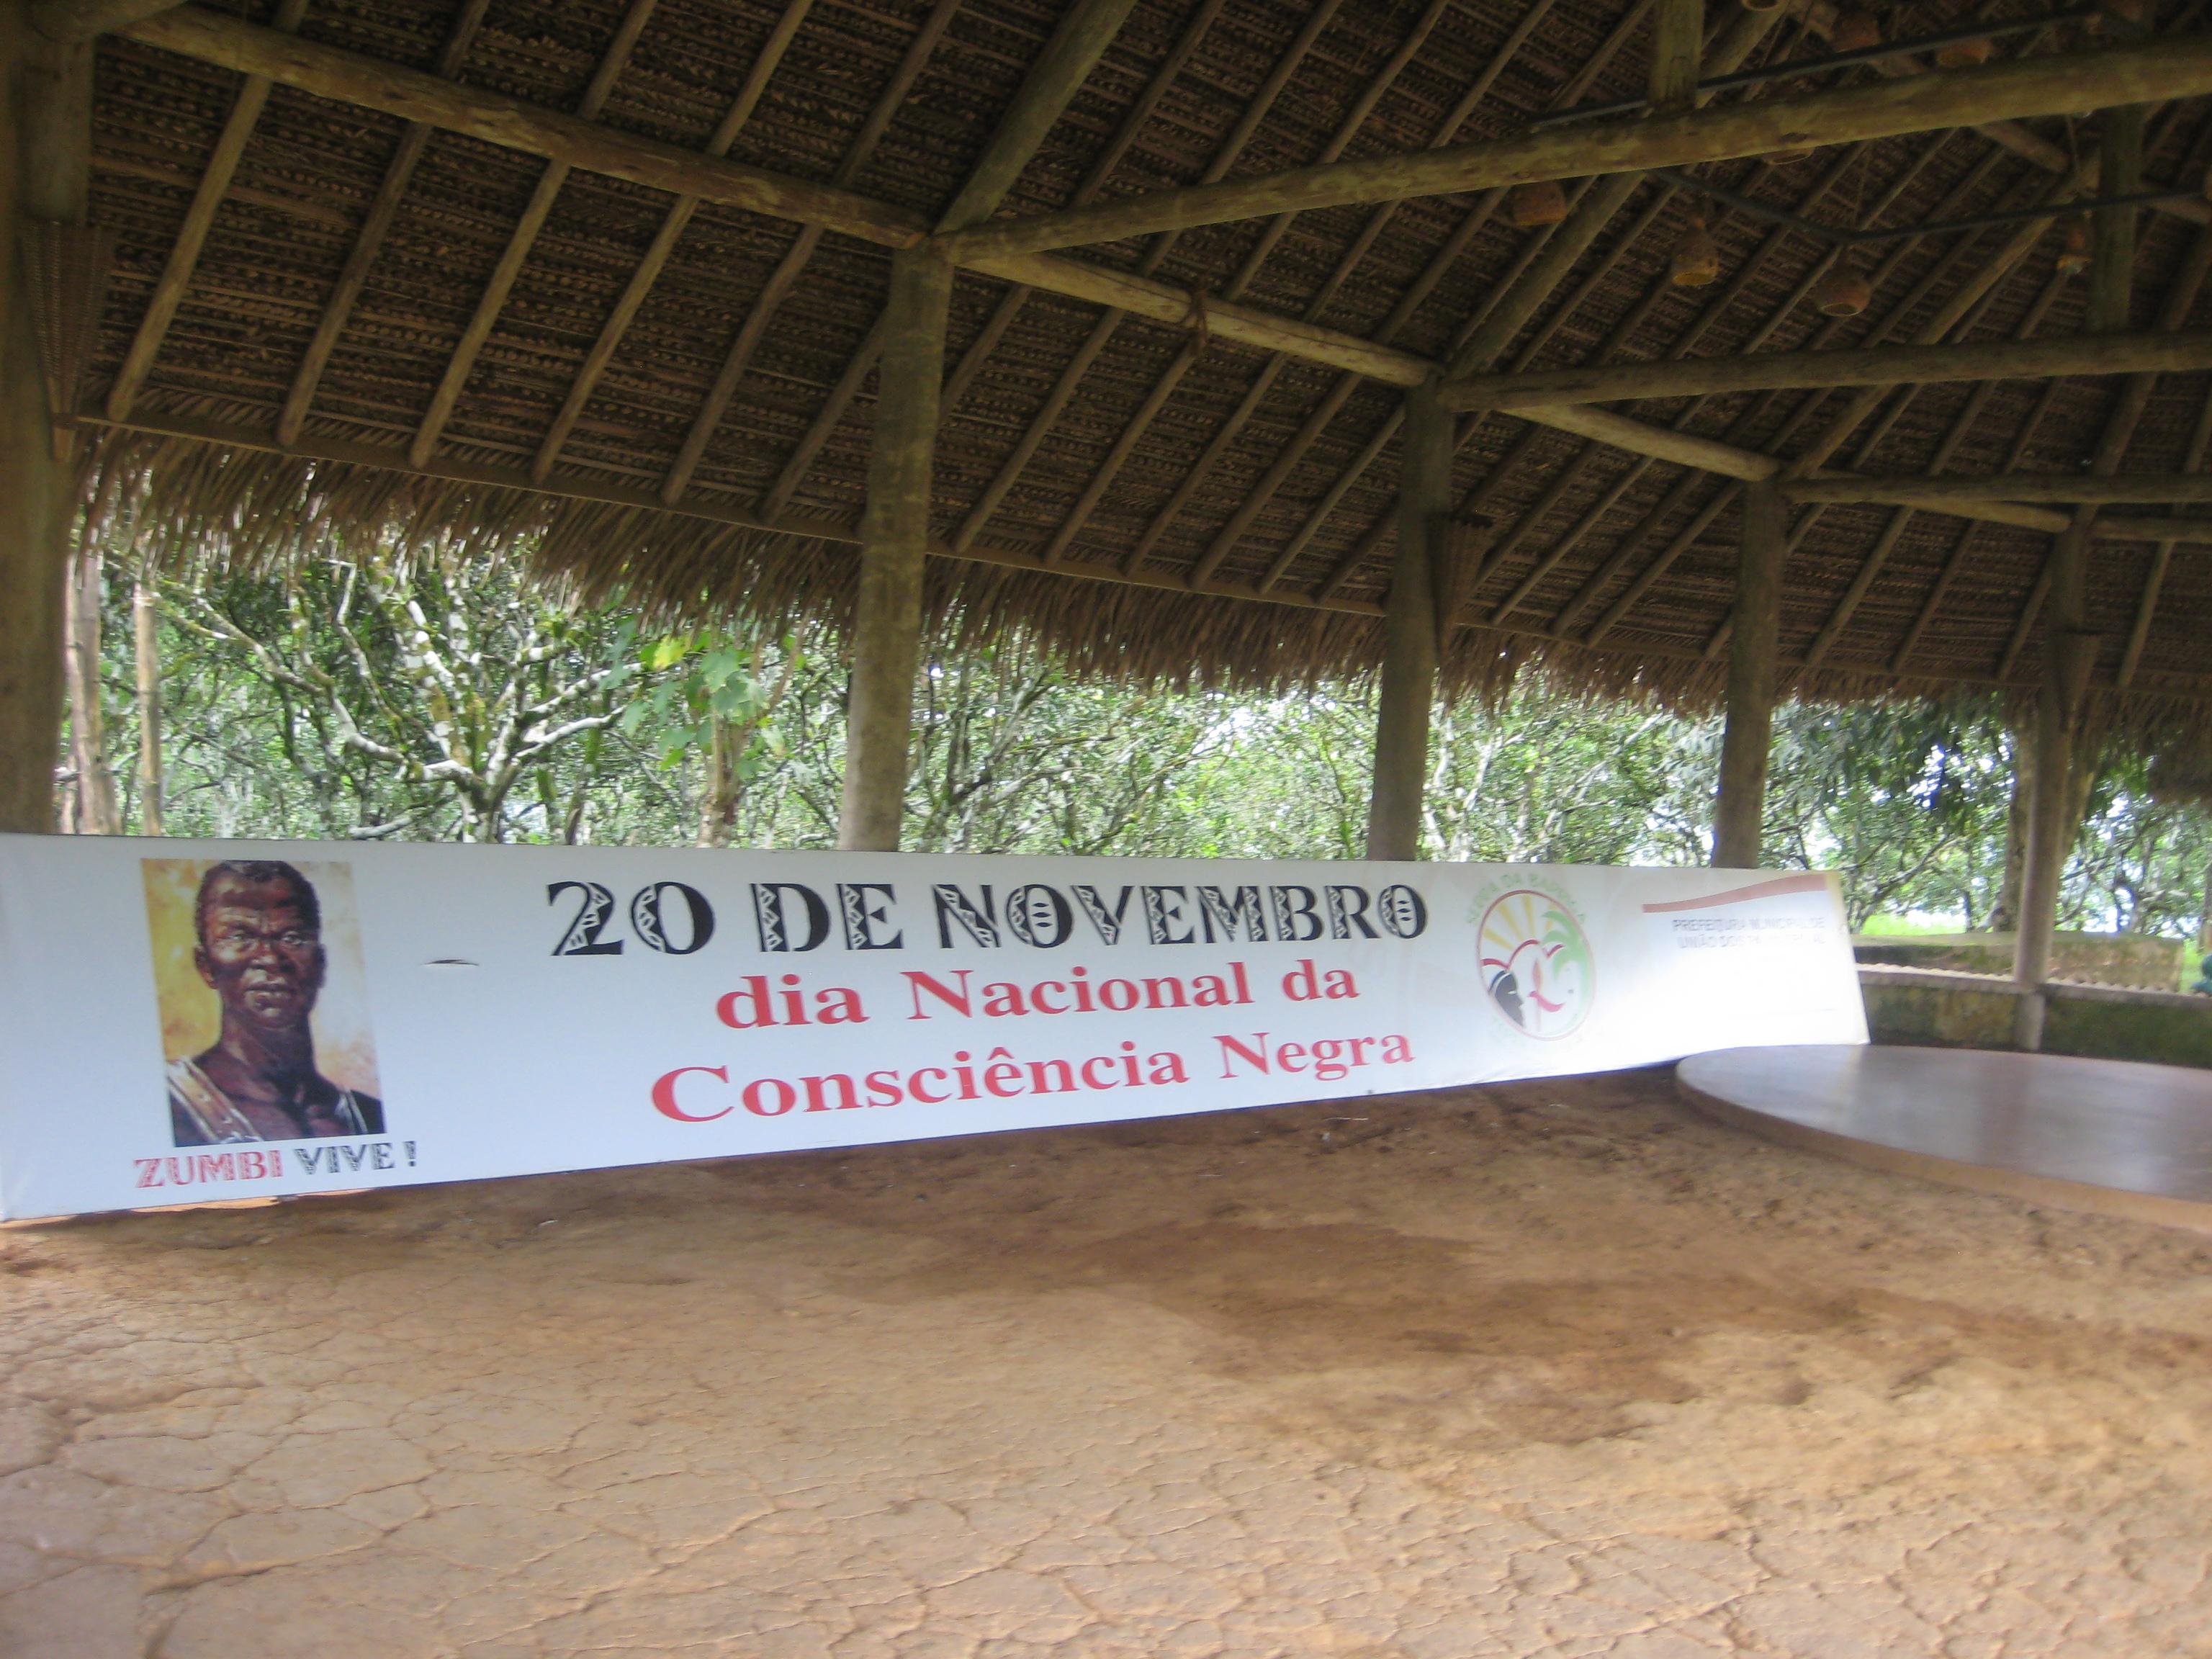 """""""20 de novembro"""" banner at Parque Memorial Quilombo dos Palmares. Photo by Maria Fernanda Escallón."""